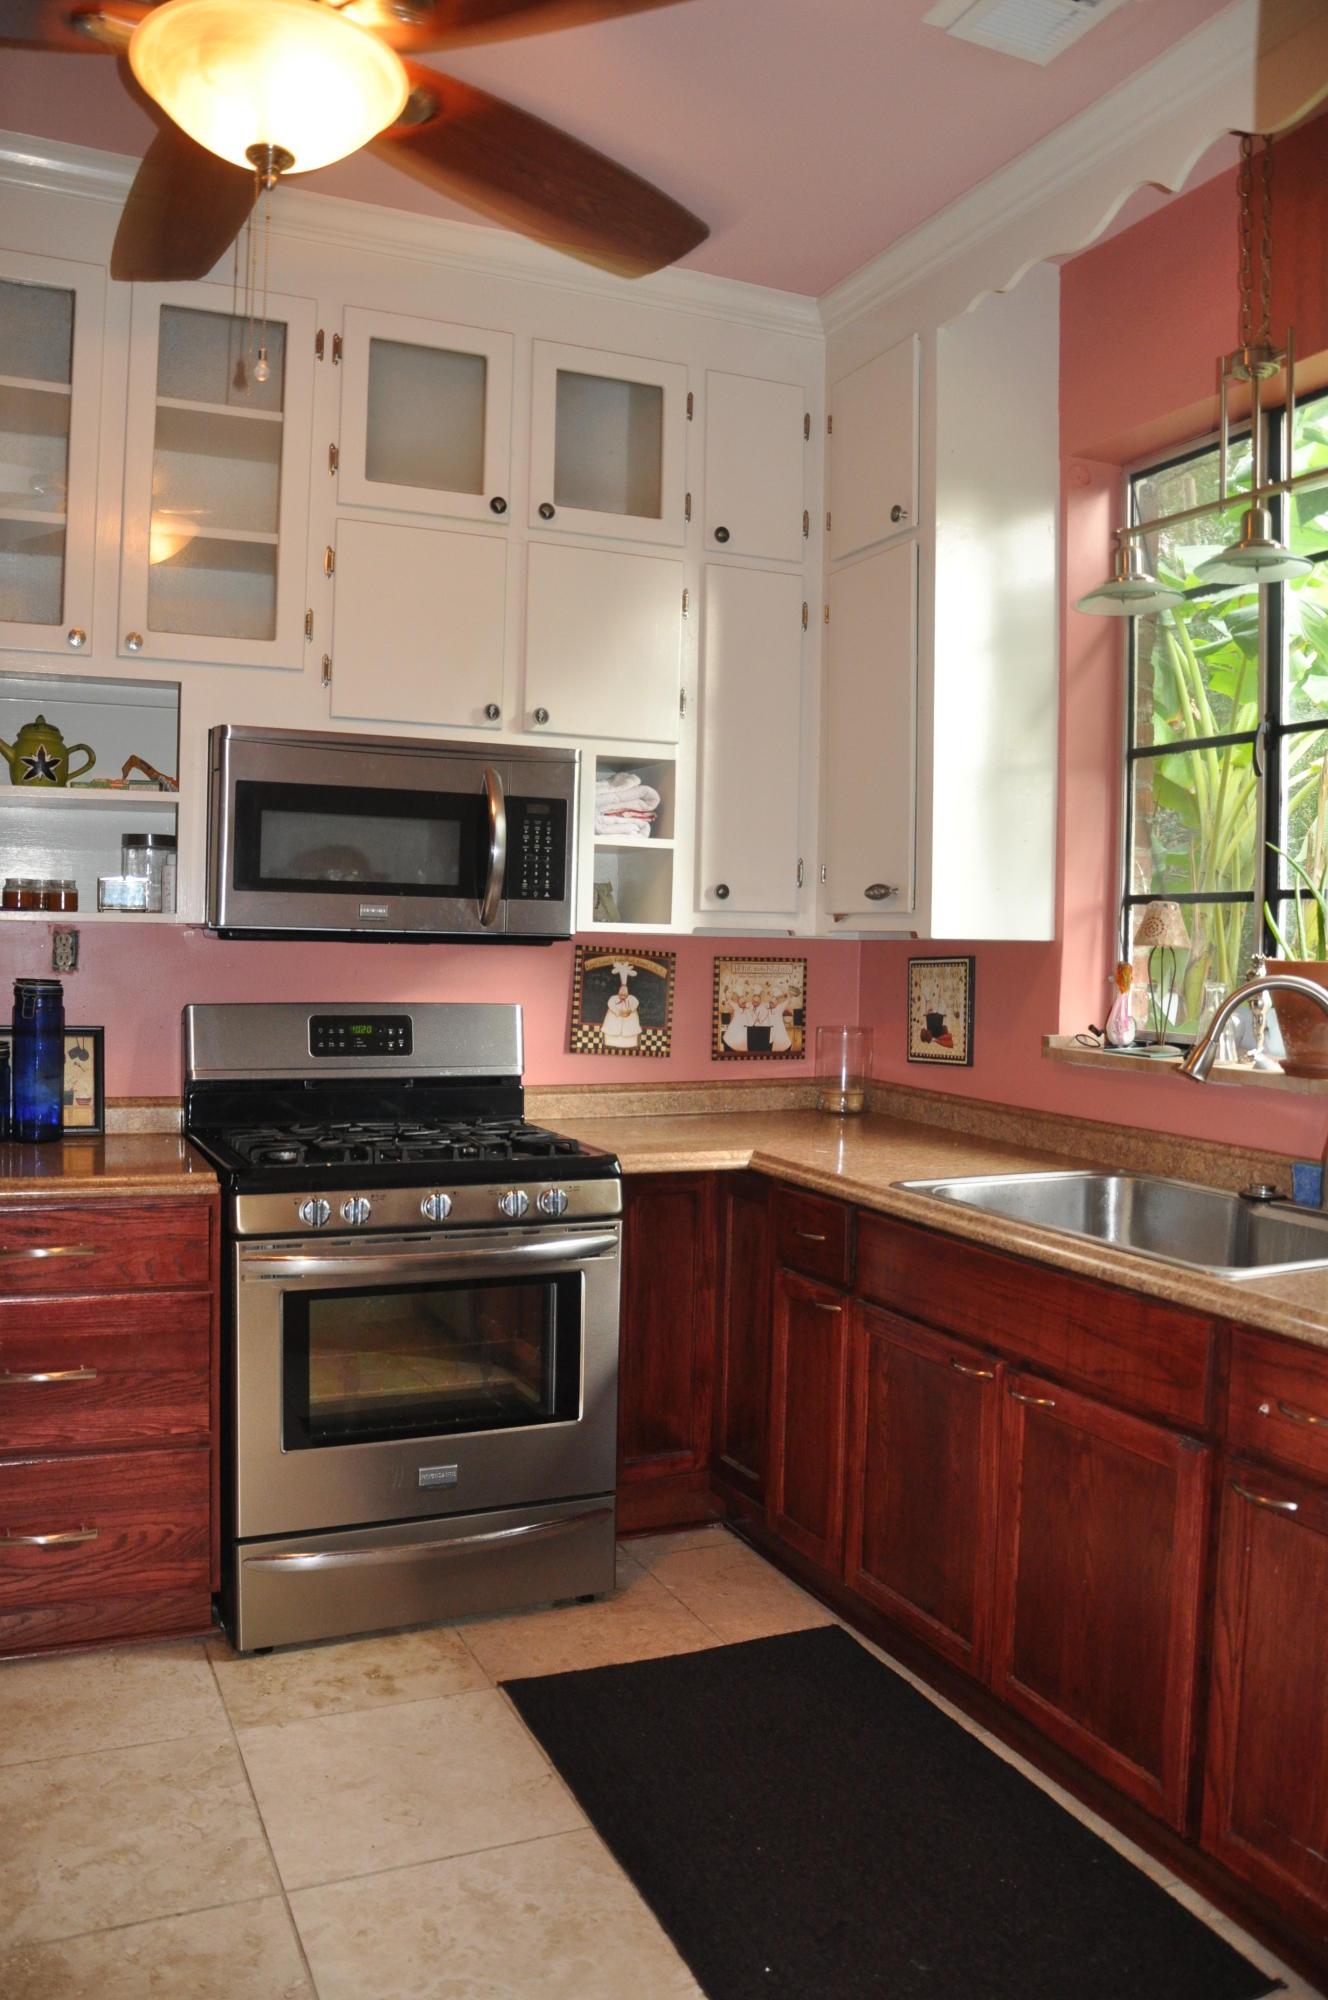 St Andrews Homes For Sale - 1820 1st, Charleston, SC - 10